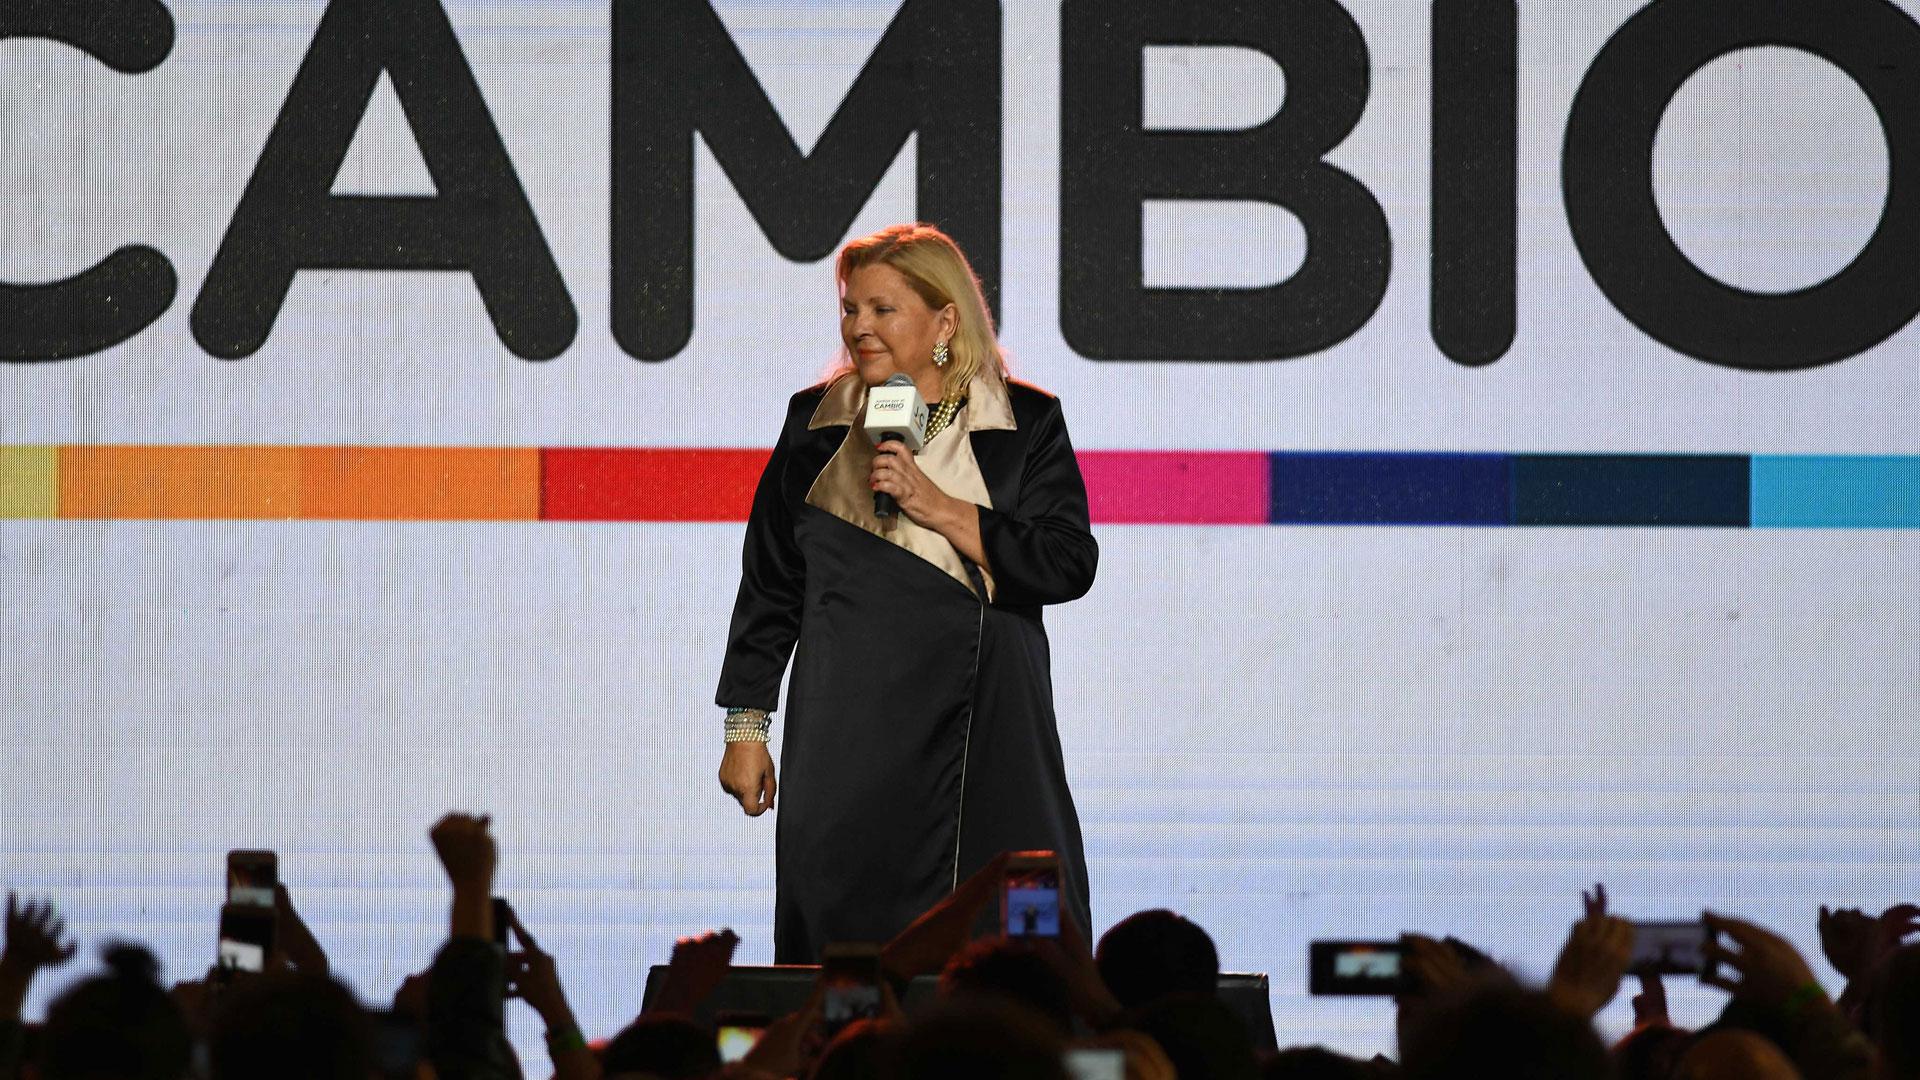 """Elisa Carrió quiso dar un discurso enérgico y optimista pese a los malos resultados en las PASO: """"En octubre ganamos por más del 50%"""""""